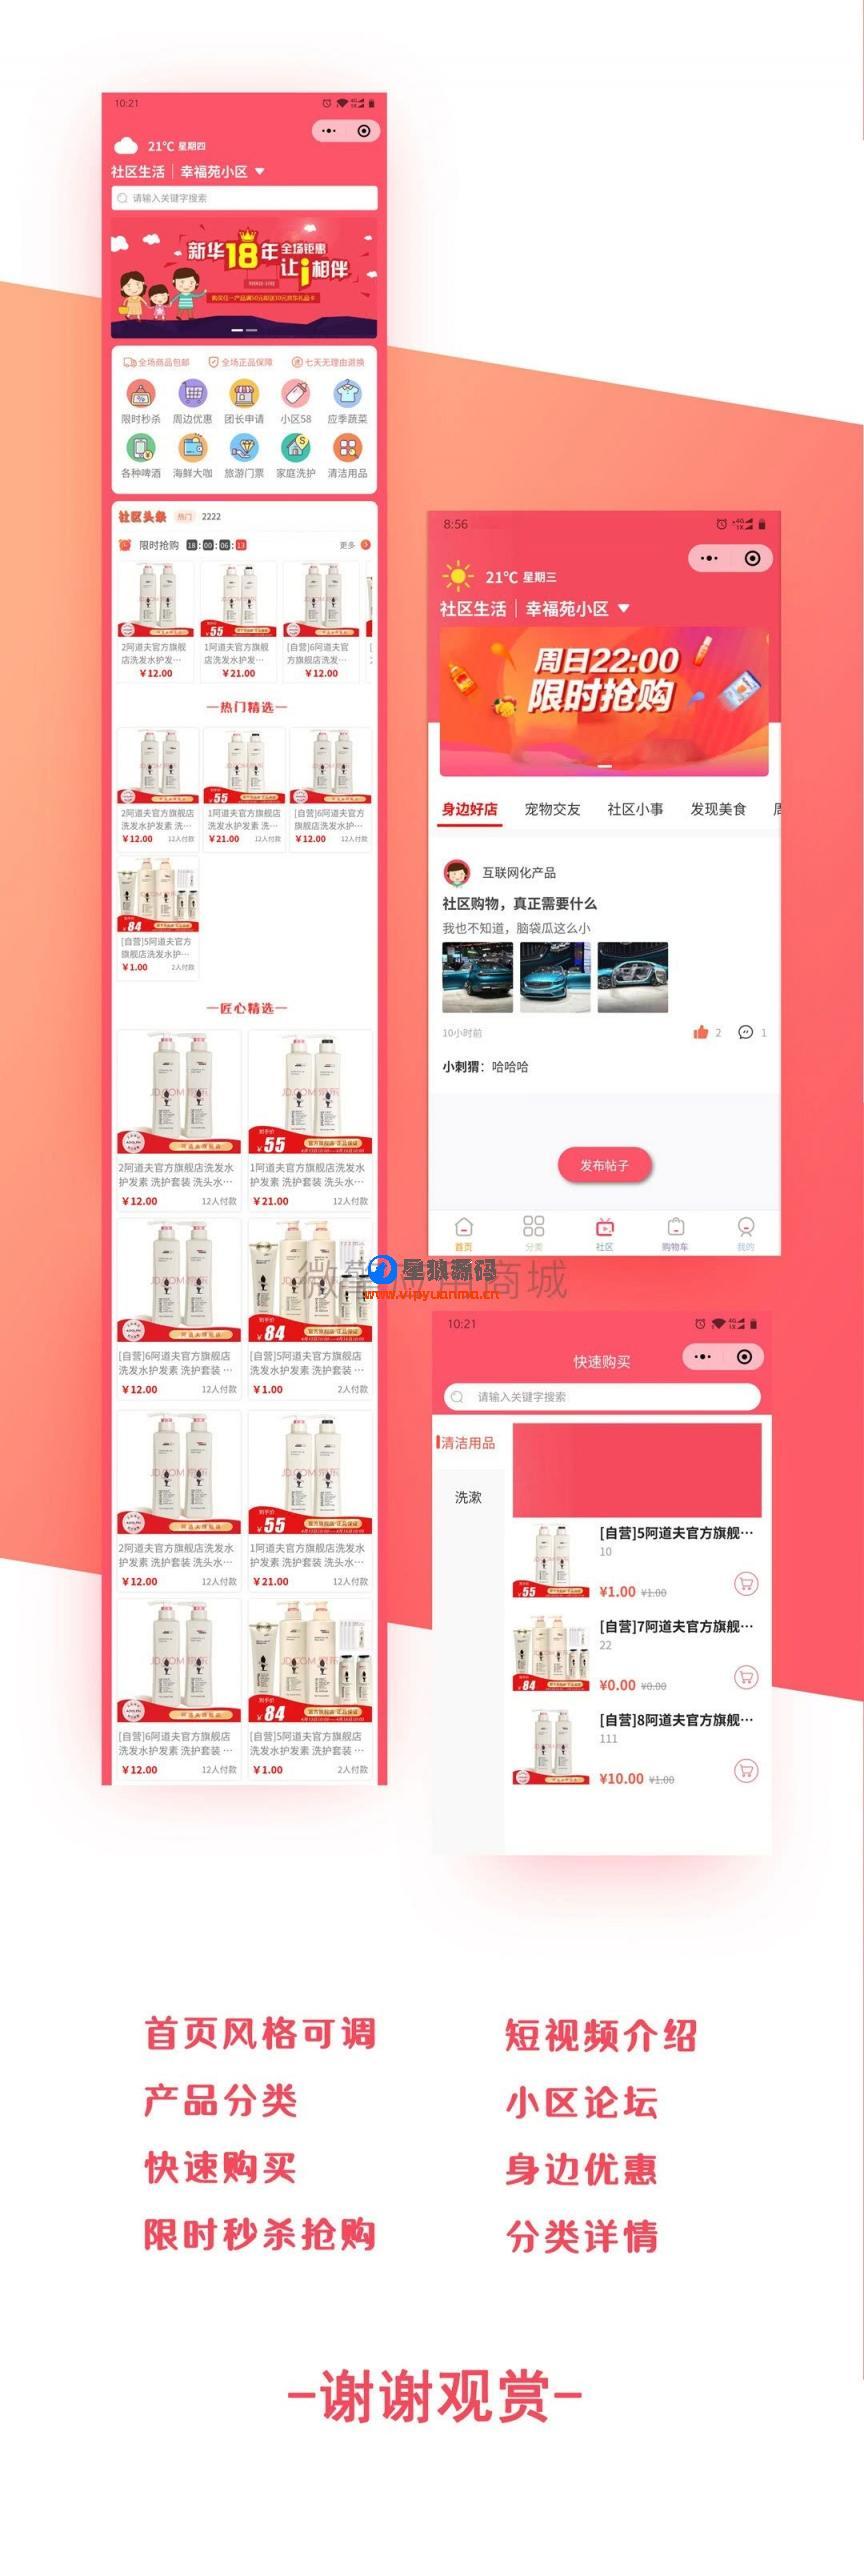 奇店社区团购5.3.8商业全开源版本(星狼已测试) 第1张